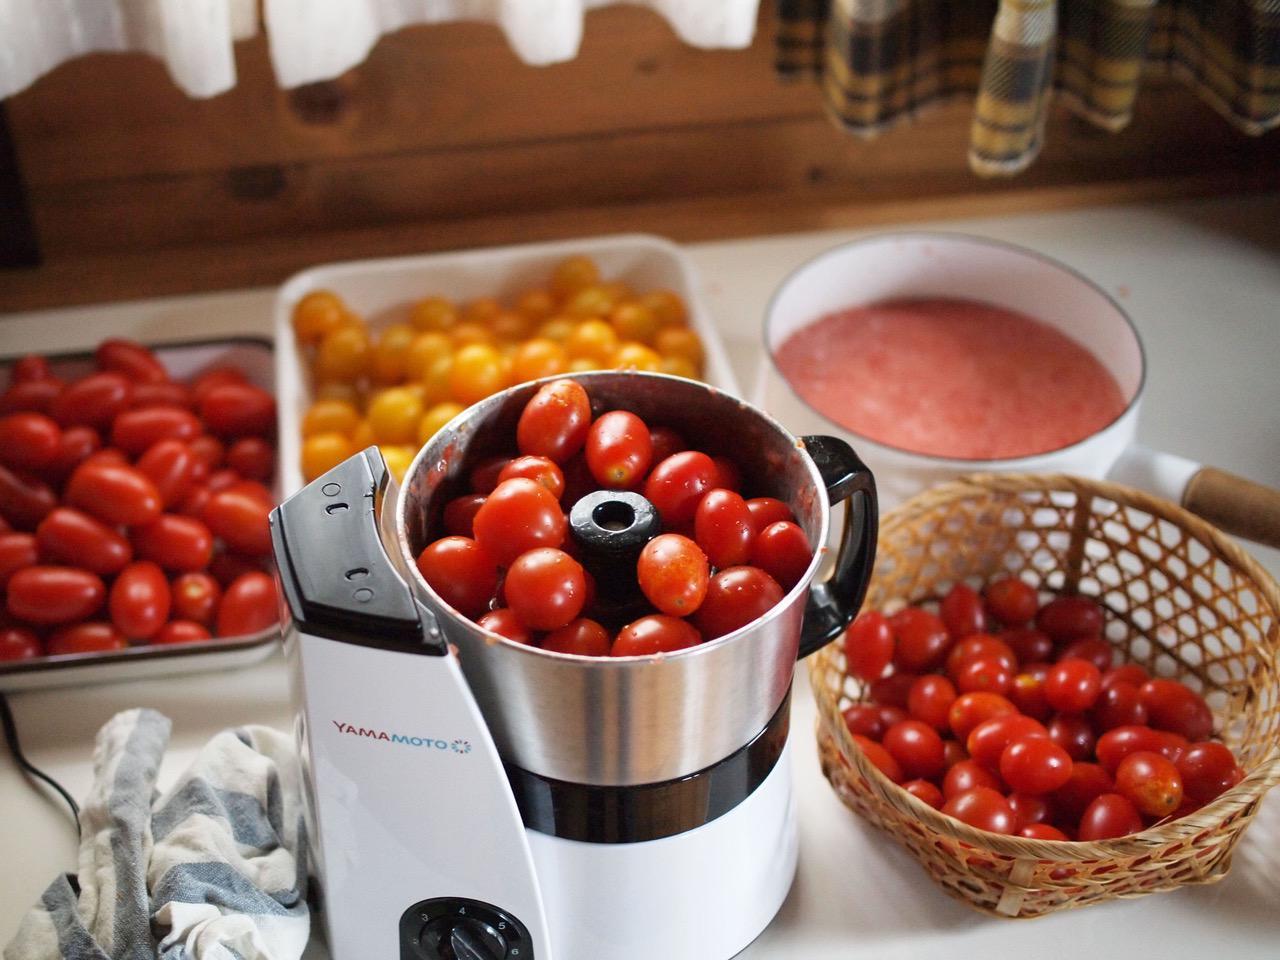 画像: 鍋がいっぱいになるまで、フードプロセッサーですり潰す。真っ赤な方が食欲をそそるので、黄色いトマトはほどほどに